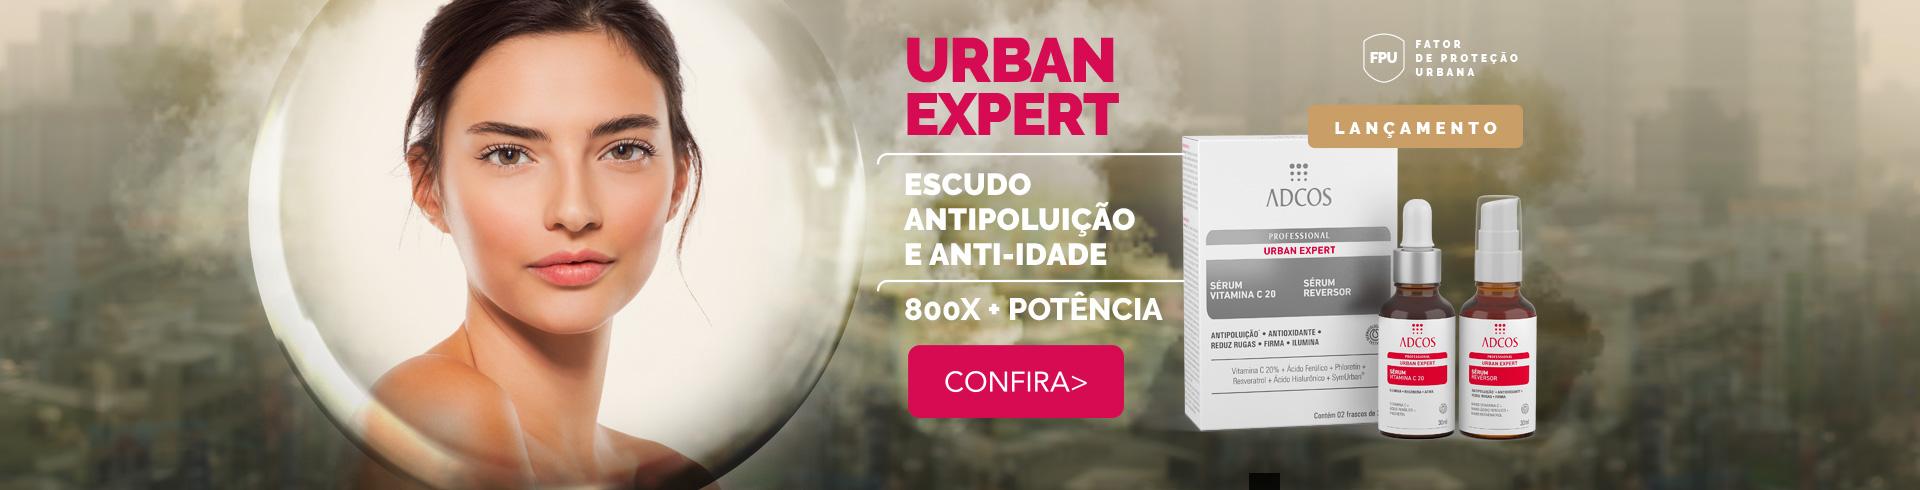 Banner Urban Expert - Home